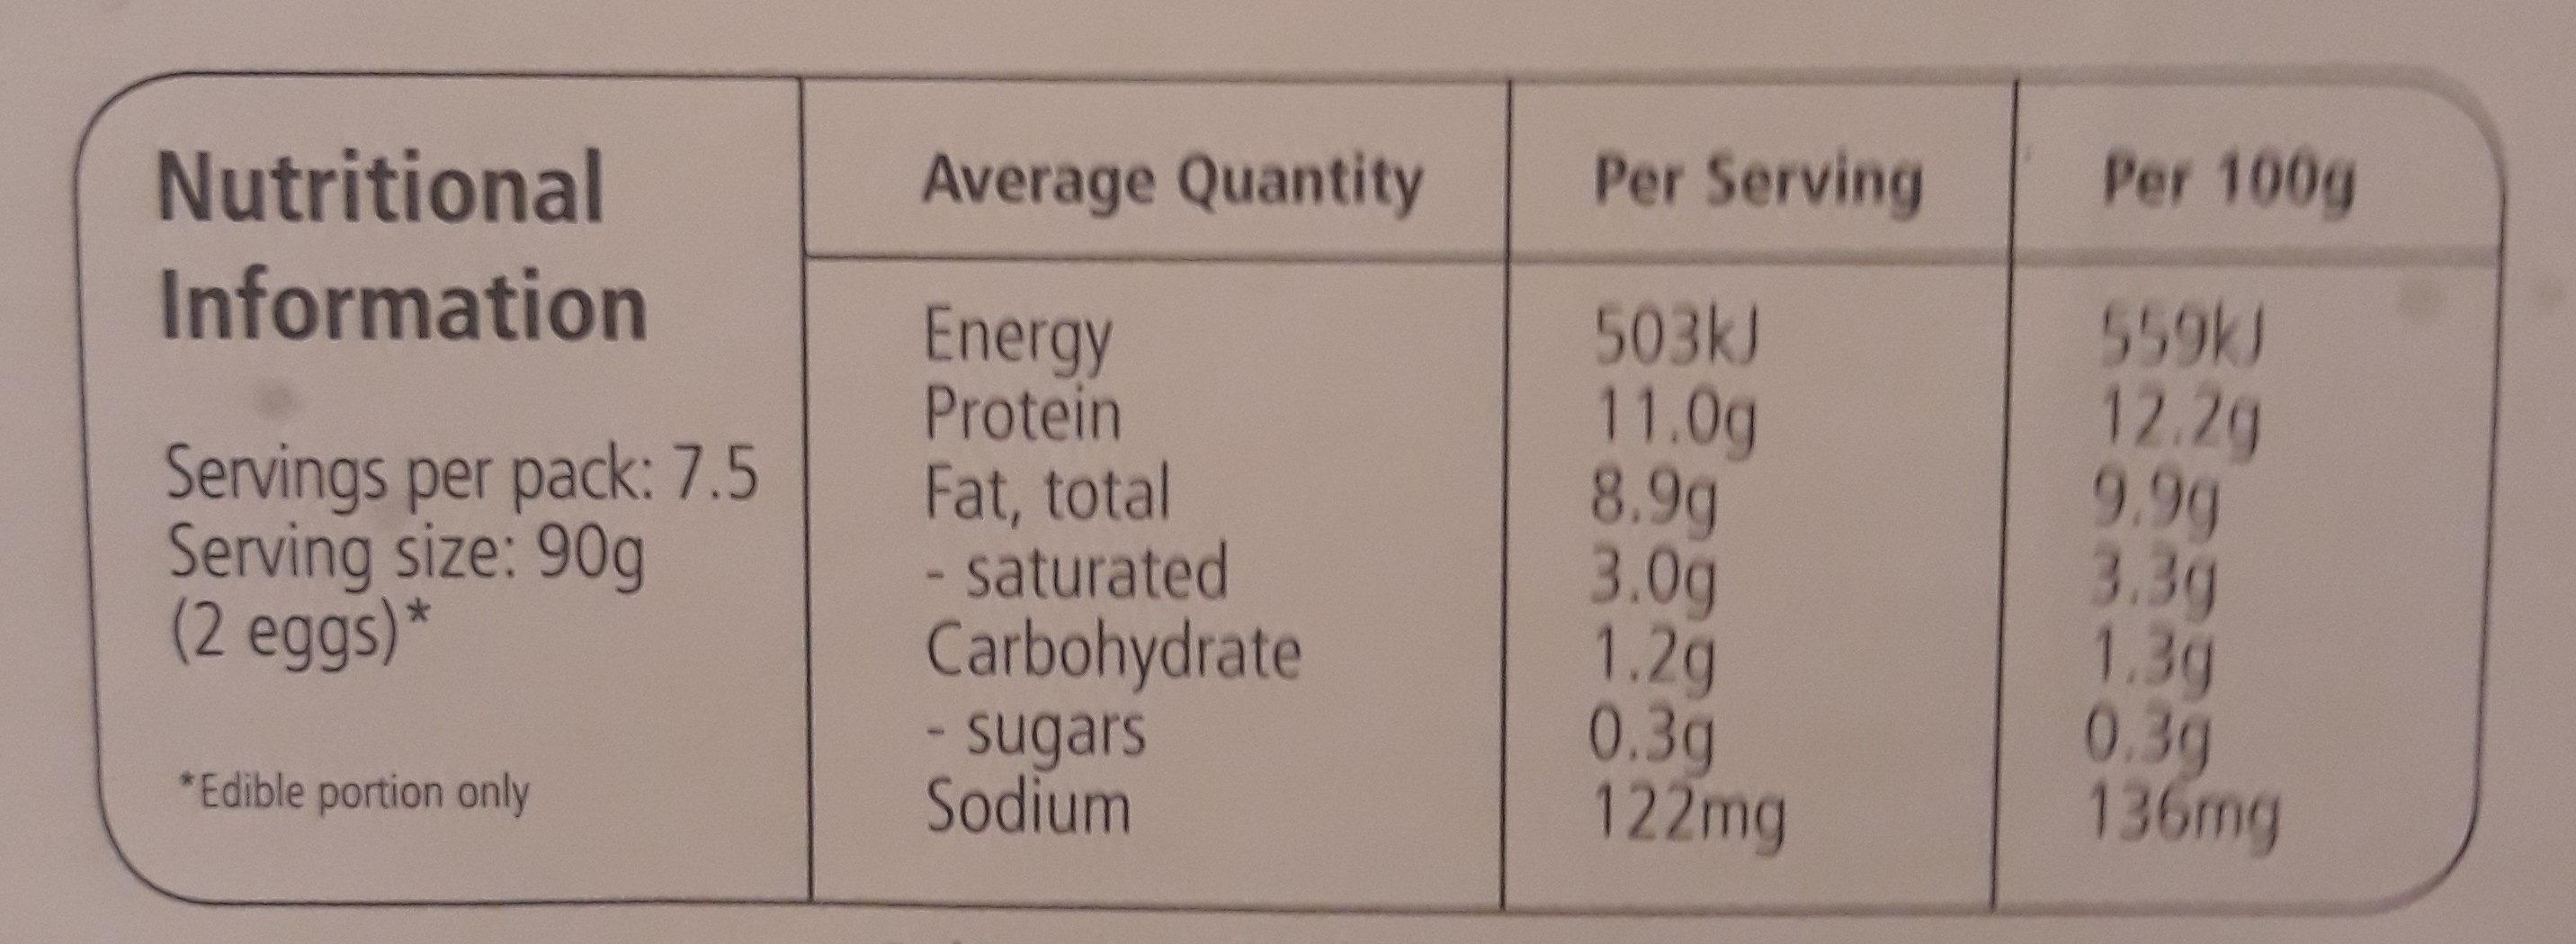 Gourmet Breakfast Free Range Large Eggs - Nutrition facts - en